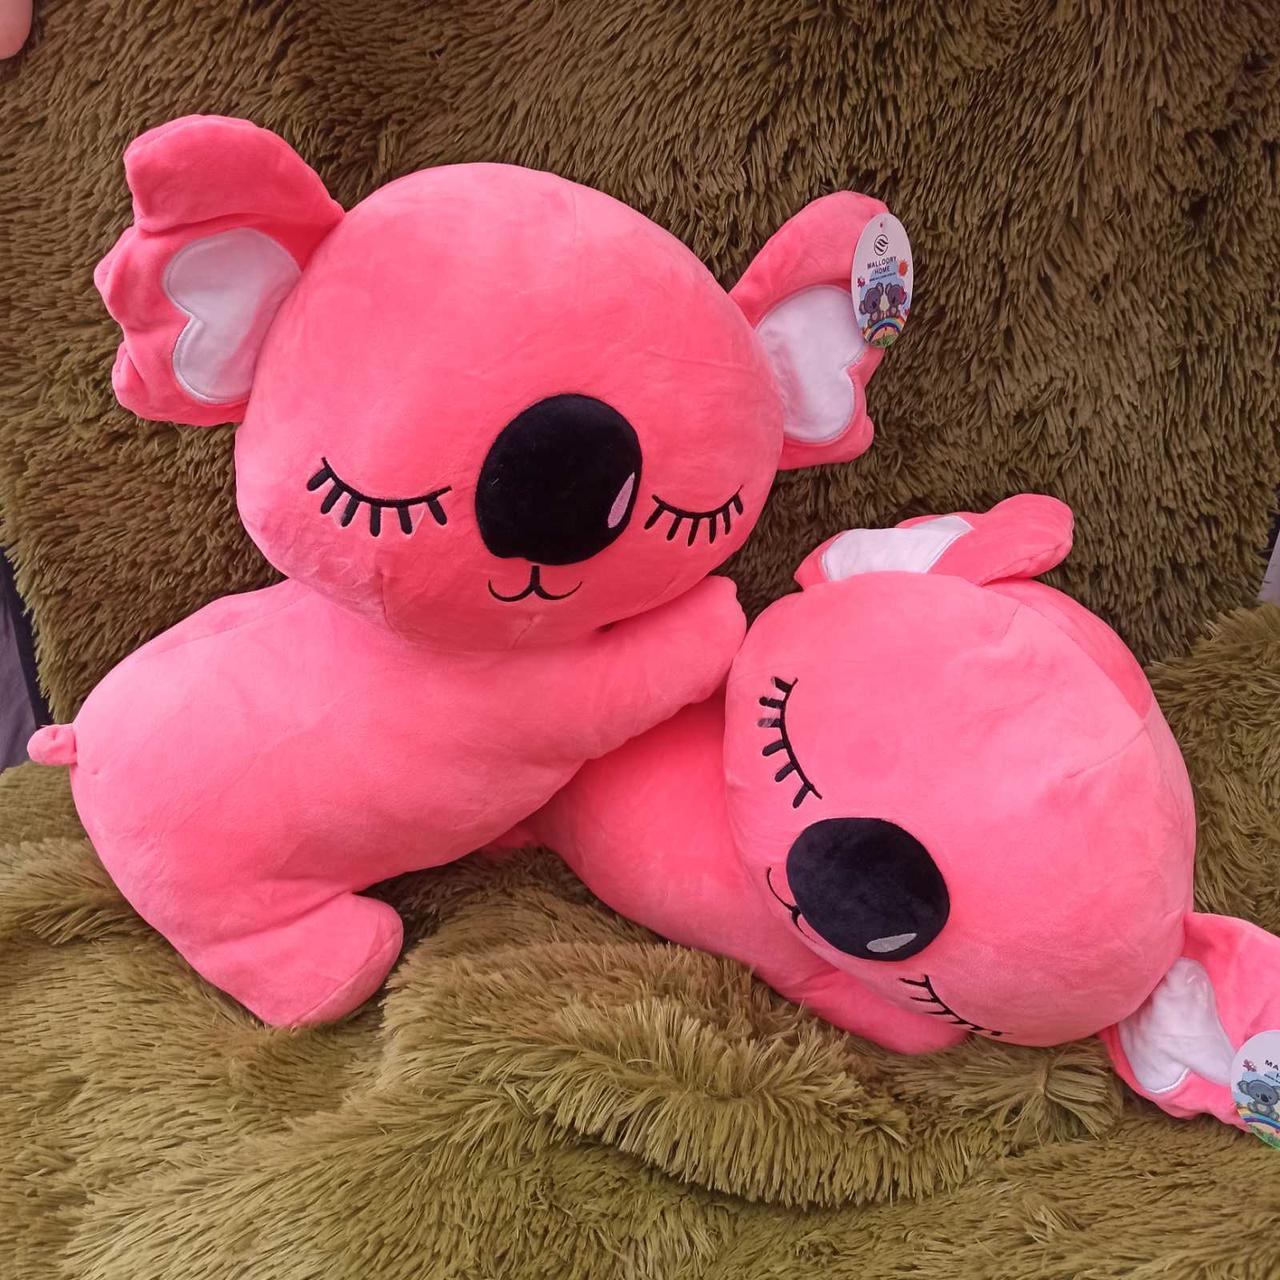 Плед игрушка подушка 3 в1 Коала | Игрушка детский плед | Игрушки-Подушки | Мягкая игрушка Розового цвета